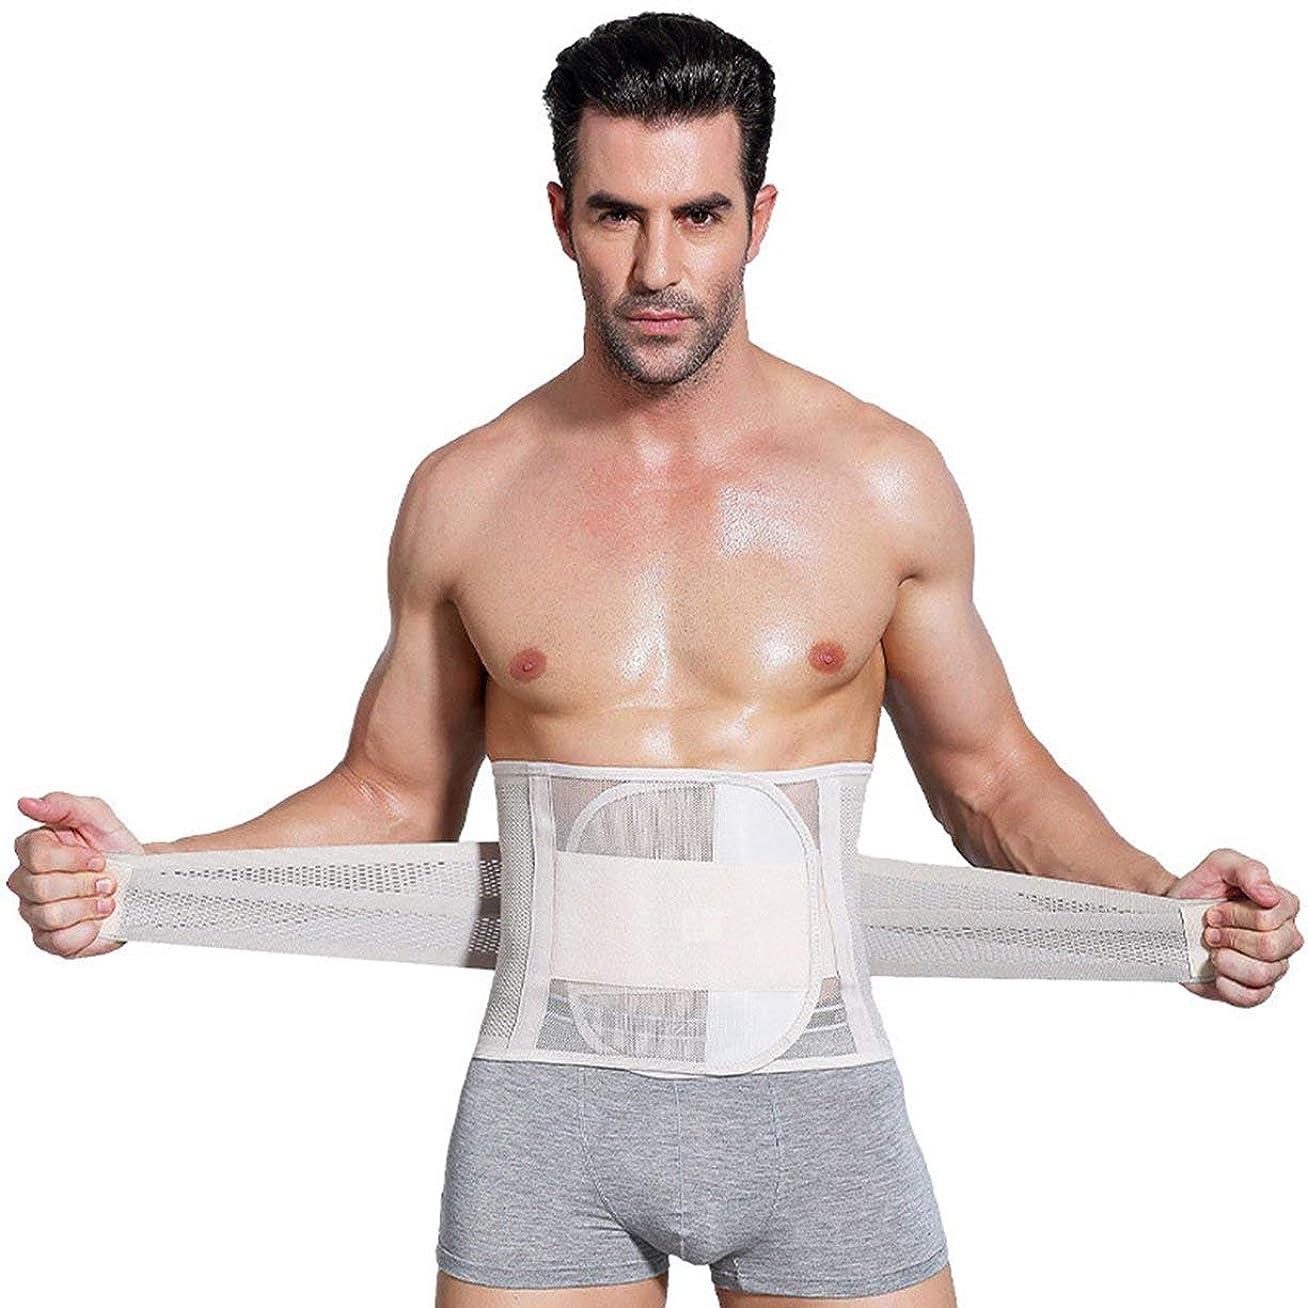 マイコン舌ウール男性ボディシェイパーコルセット腹部おなかコントロールウエストトレーナーニッパー脂肪燃焼ガードル痩身腹ベルト用男性 - 肌色M